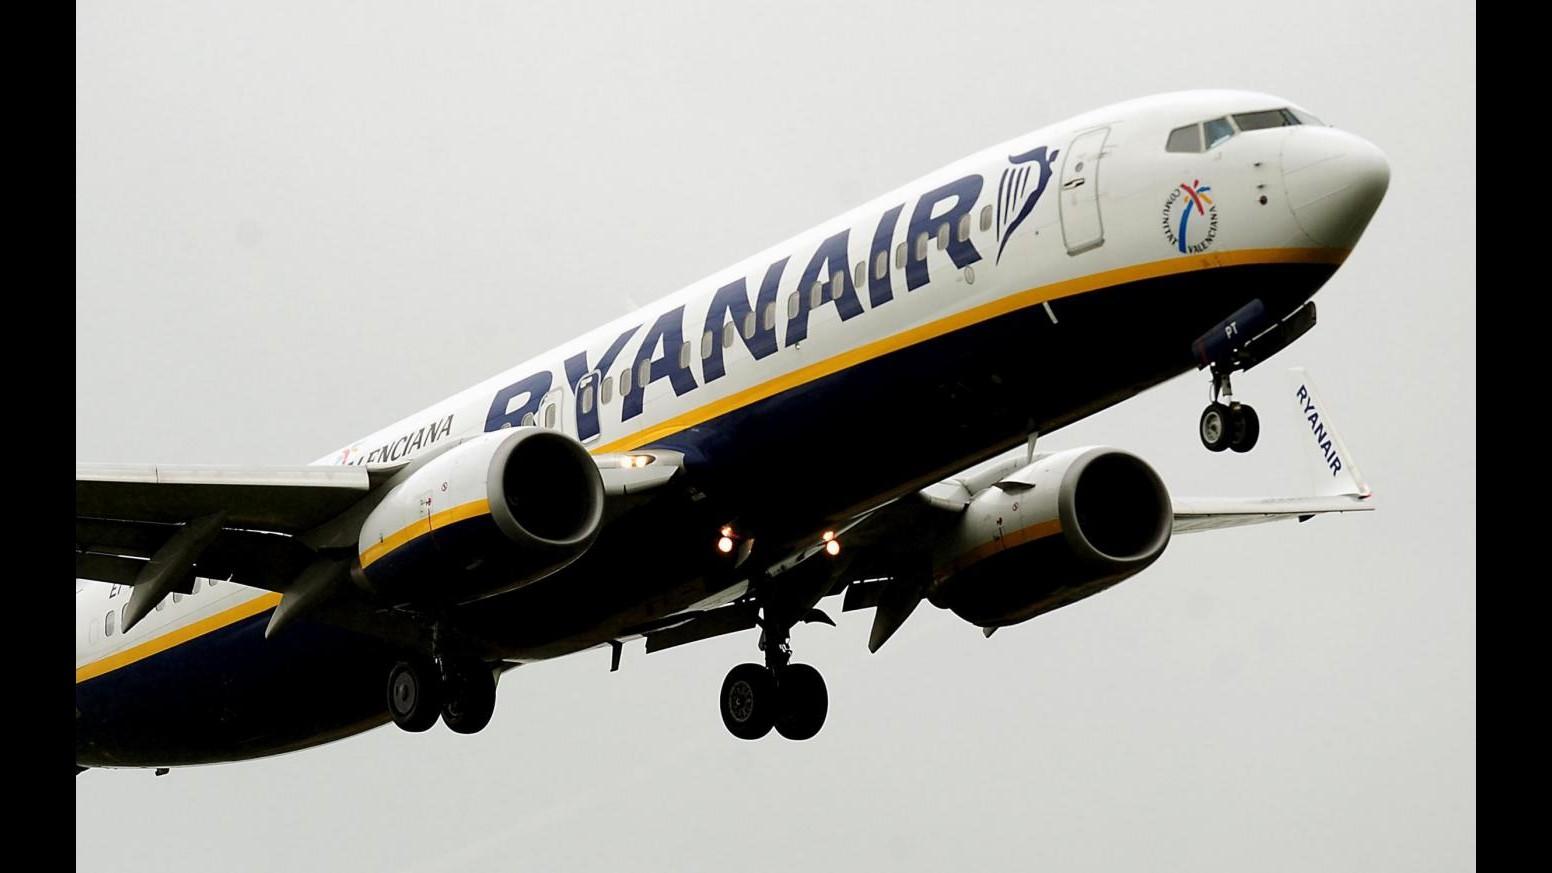 Alitalia minaccia di lasciare Fiumicino, Ryanair: Pronti a più aerei e rotte